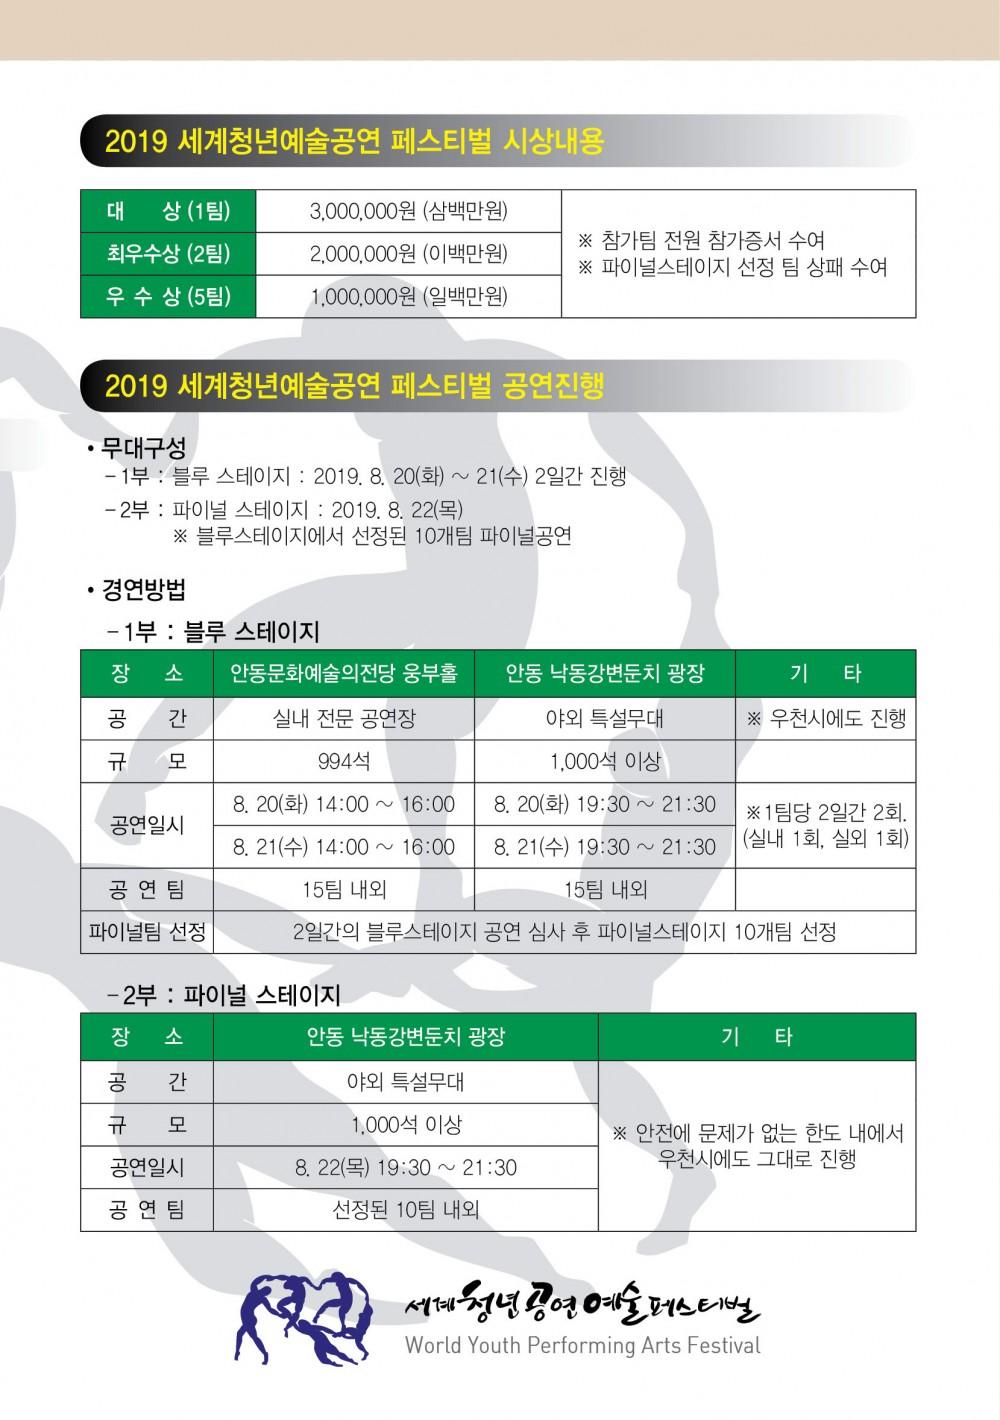 2019 세계청년예술공연 페스티벌 팜플렛(한국)3.jpg